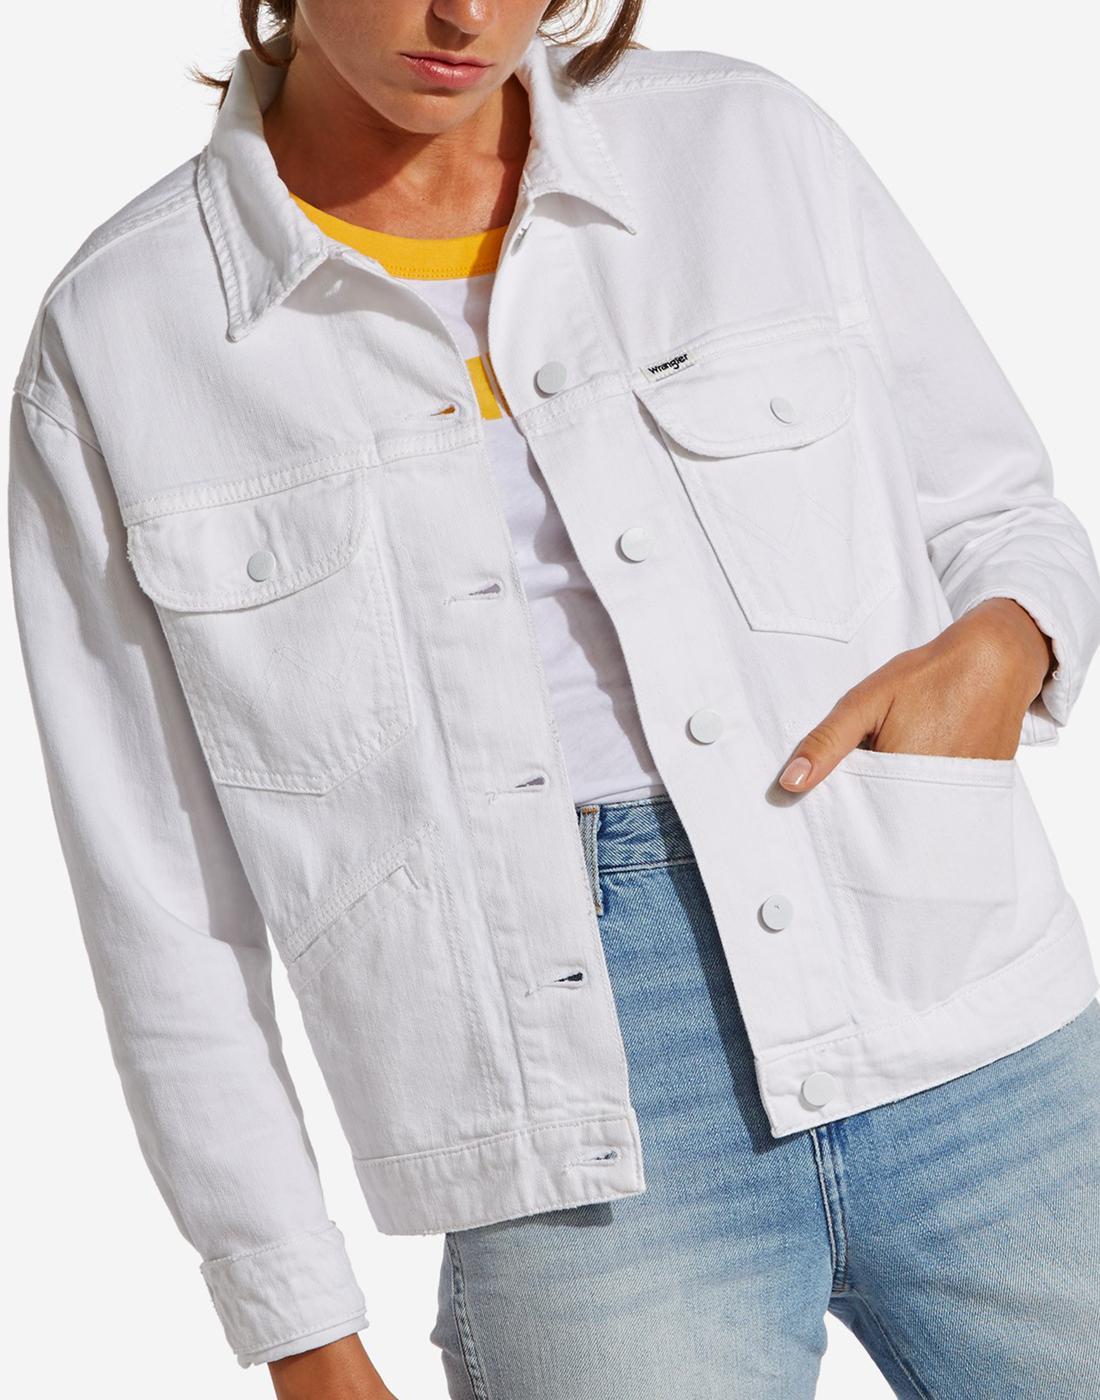 WRANGLER Women's Retro 60s Mod White Denim Jacket